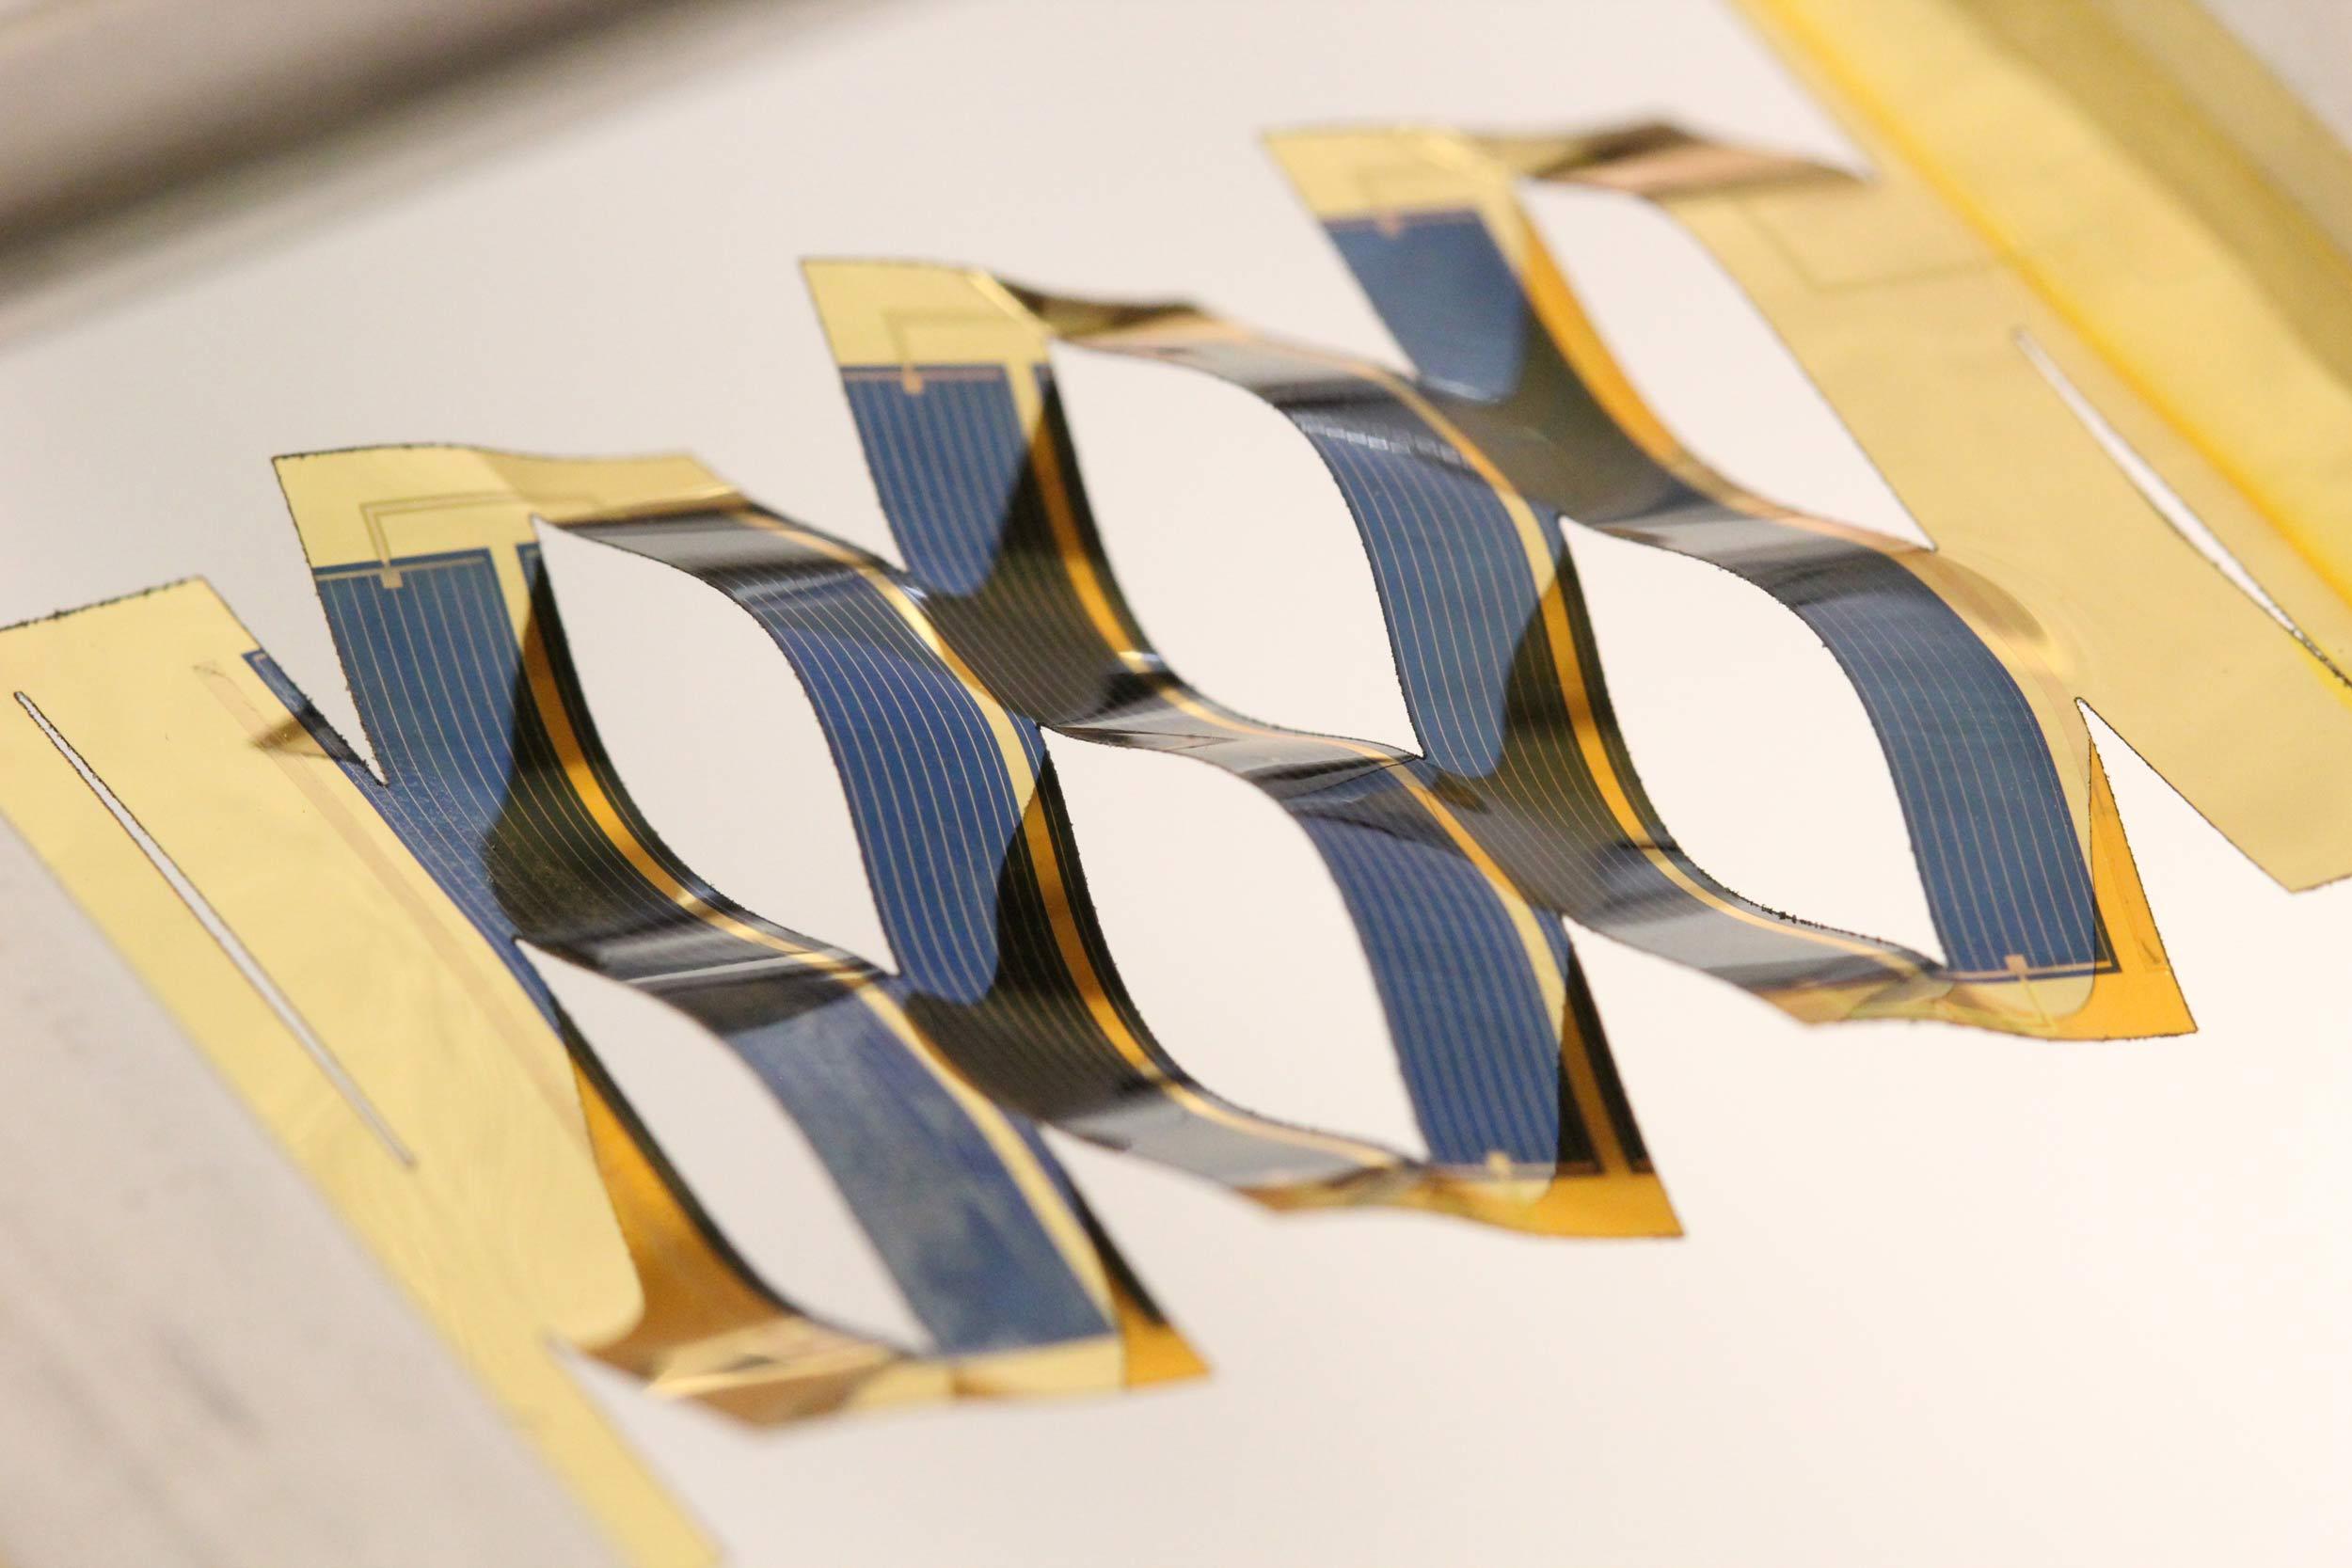 密歇根大学的研究人员将日本剪纸艺术应用到太阳能电池板的设计中,让后者能够追踪阳光。一块扁平的太阳能板在拉伸后,能变成波浪状的相连带状物。太阳能电池的弯曲角度取决于拉伸的力度。这是一种追踪阳光的简便方法。图片来源:Aaron Lamoureux